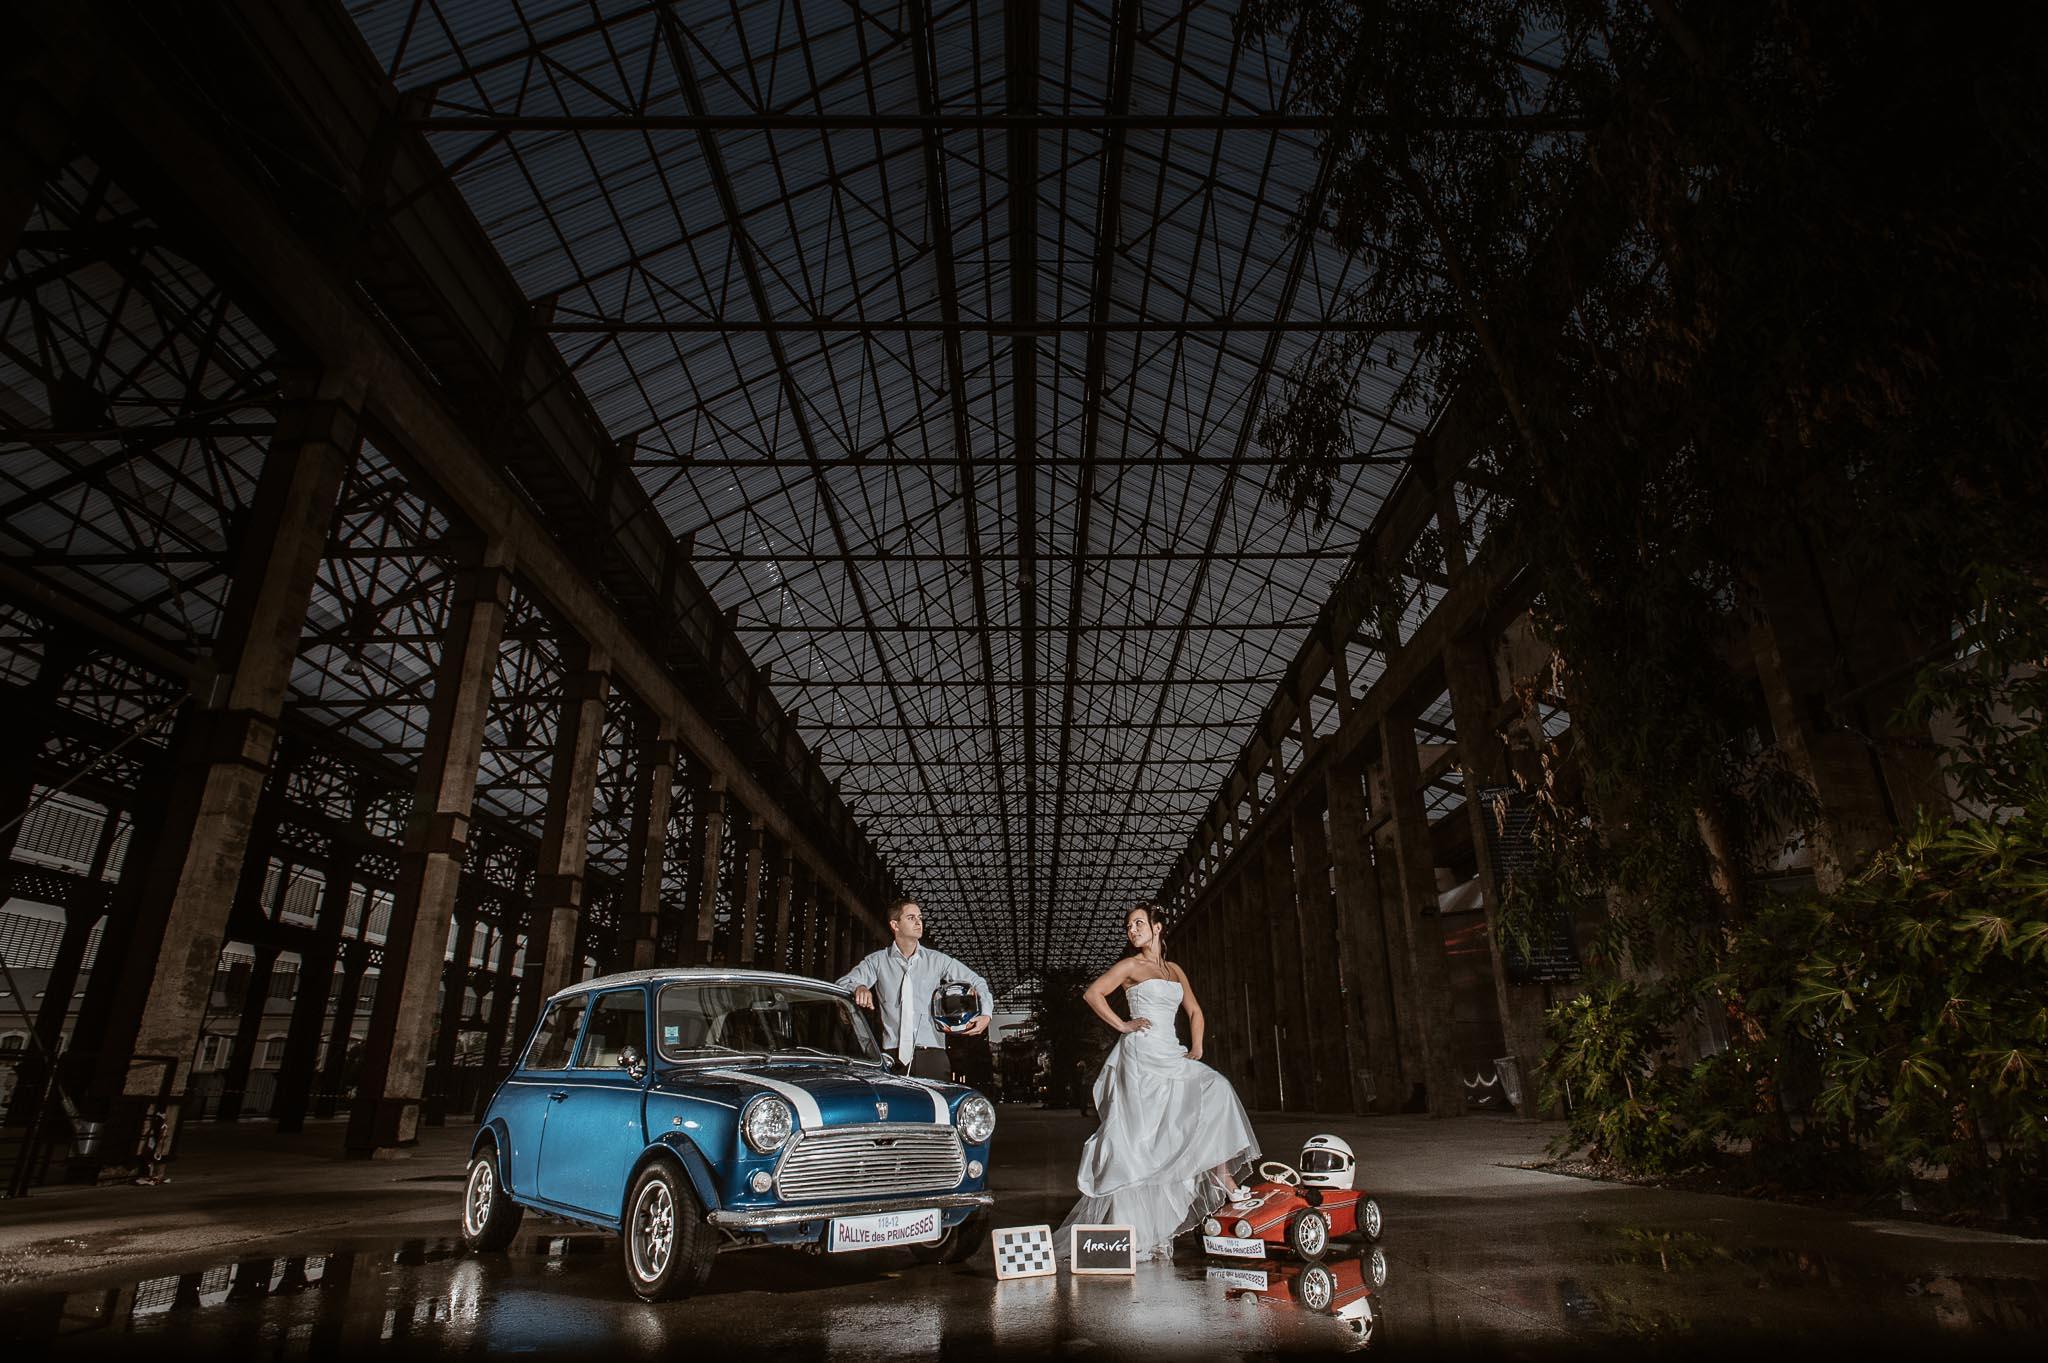 photos de couple poétique et décalée lors d'une séance couple de mariage mise en scène sous les nefs à Nantes par Geoffrey Arnoldy photographe